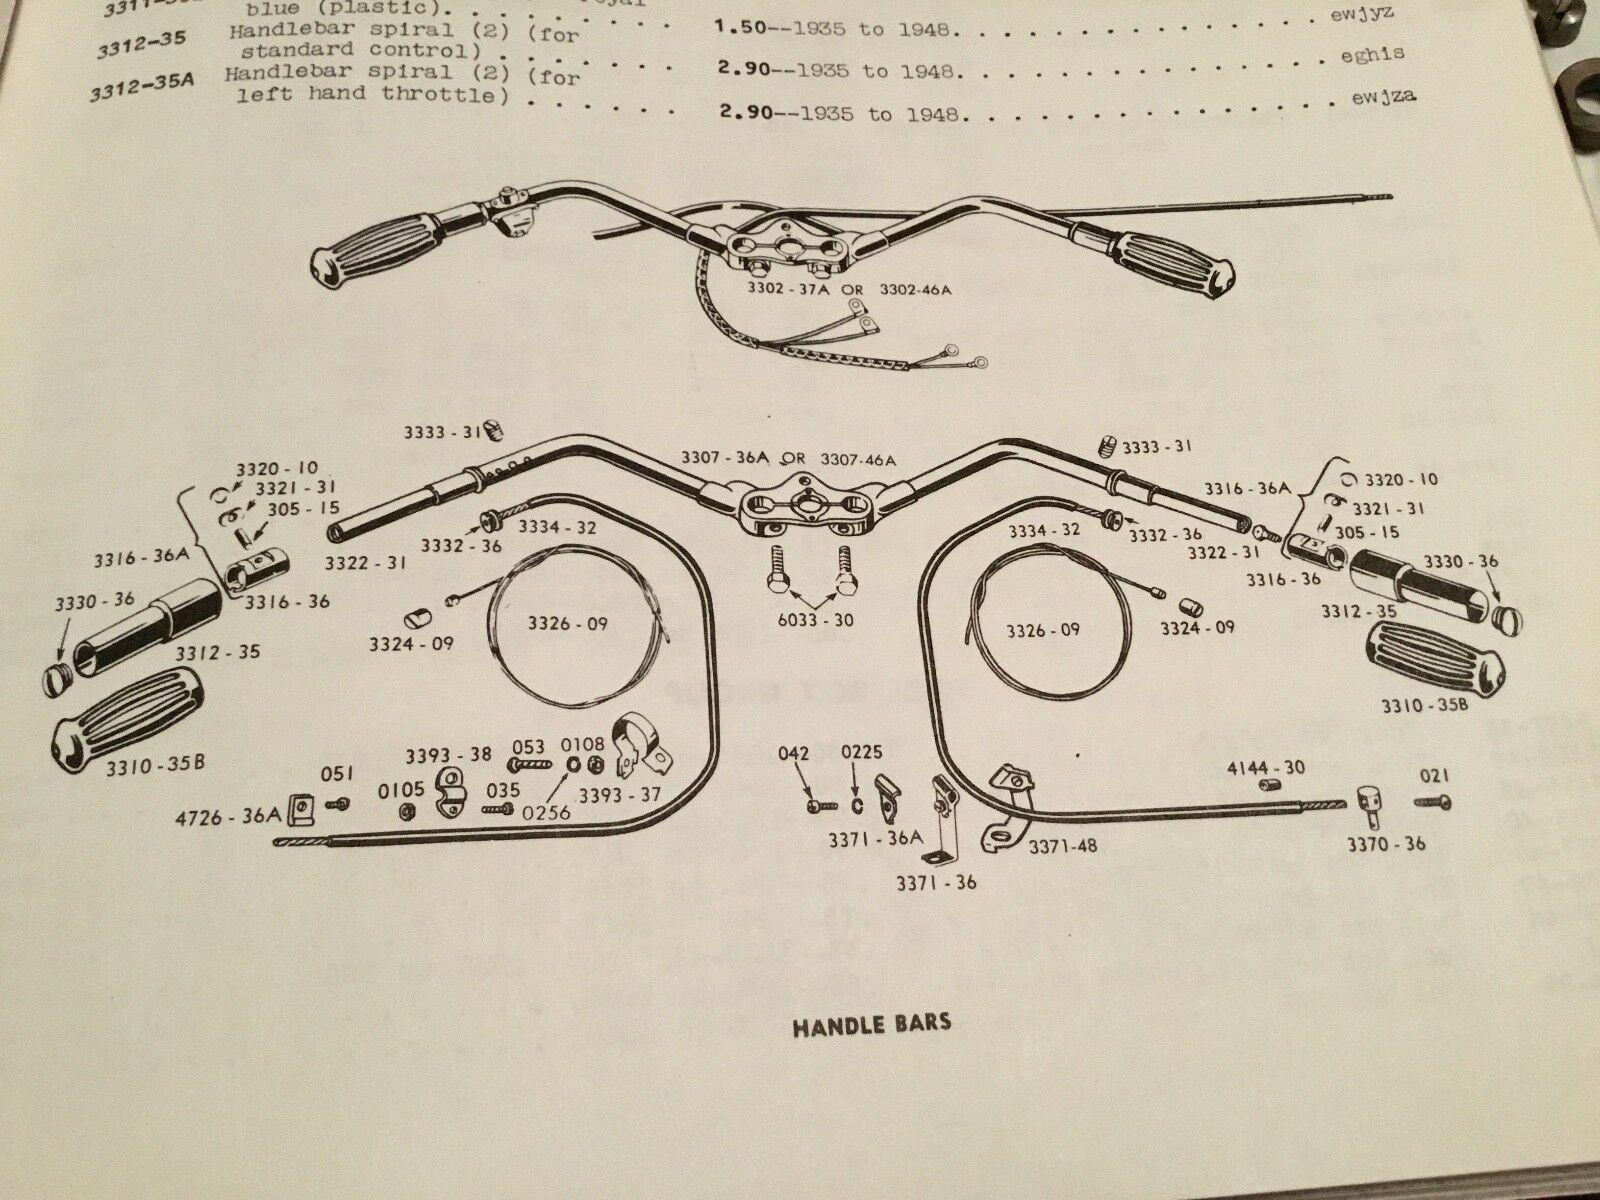 Wiring Diagram Harley Davidson Vl. . Wiring Diagram on